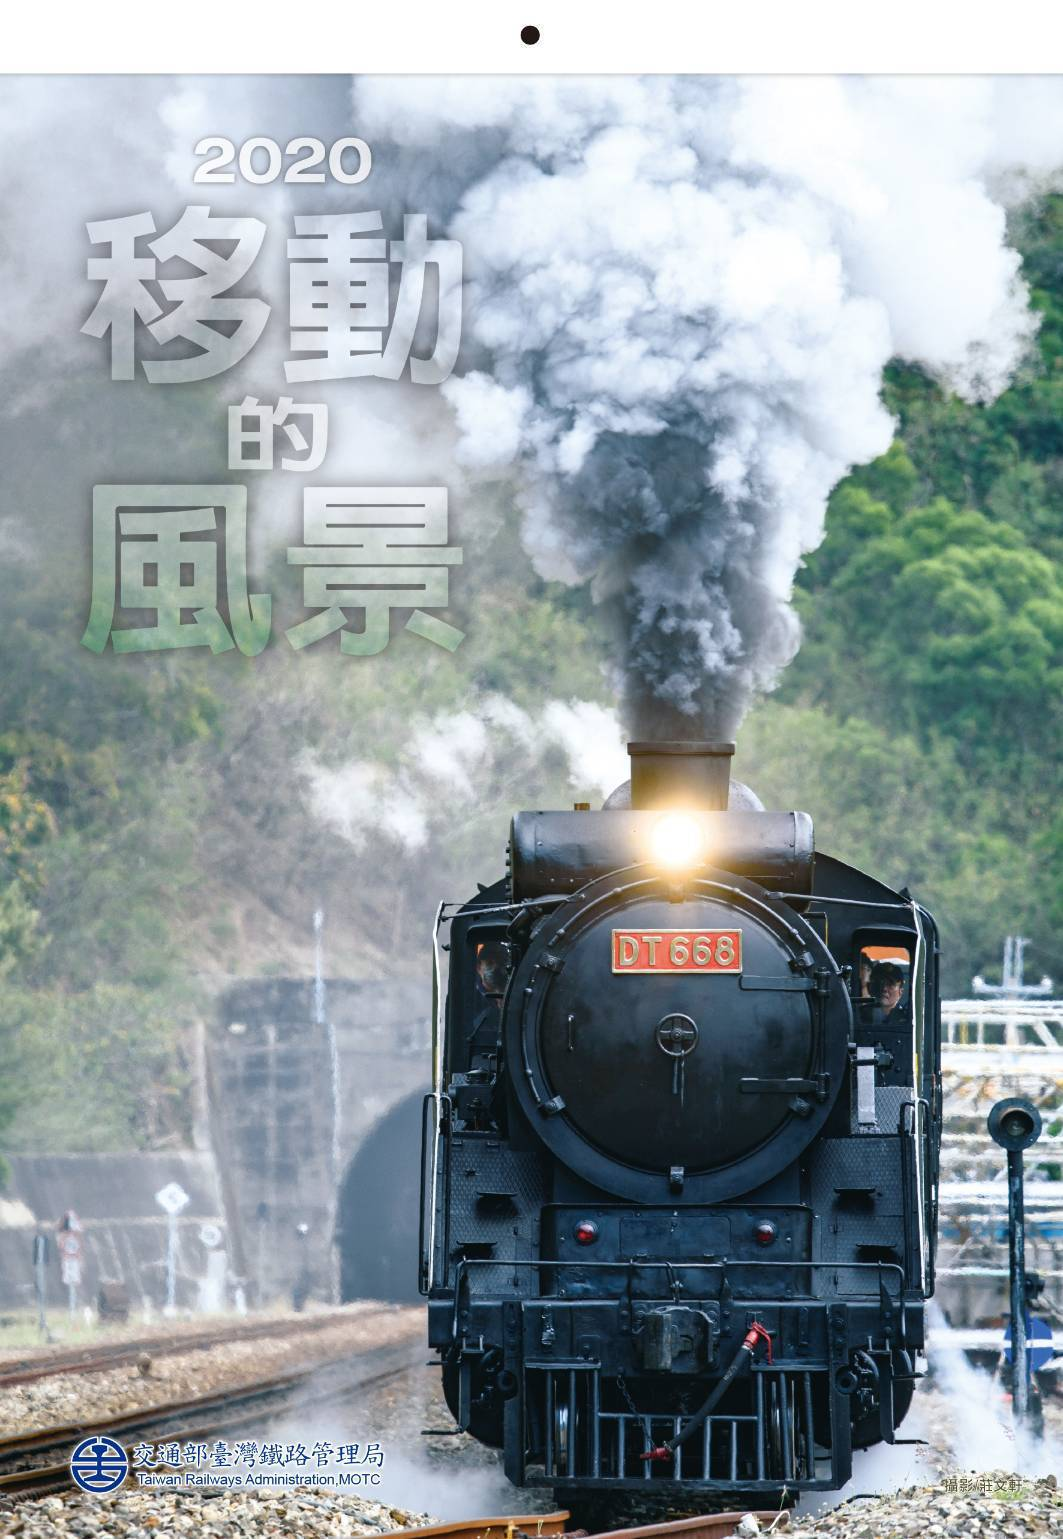 「2020年移動的風景」鐵道月曆。圖/台鐵局提供